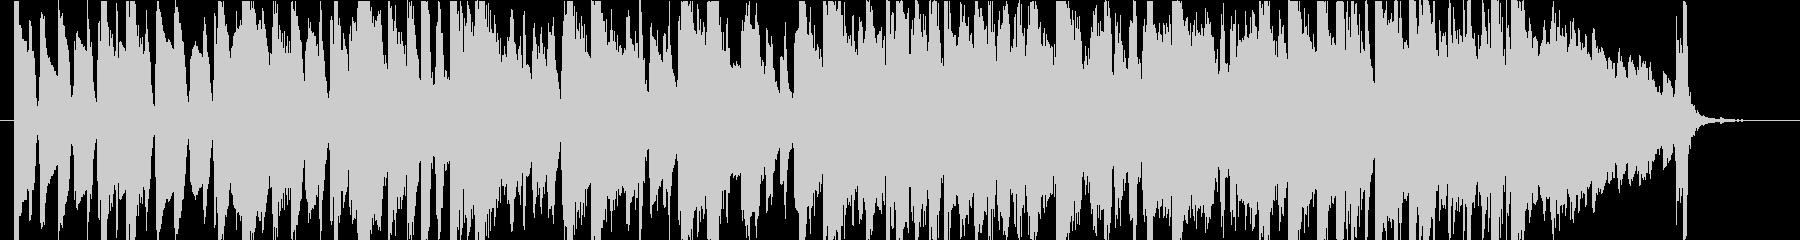 ピアノトリオの速いテンポのスイングジャズの未再生の波形